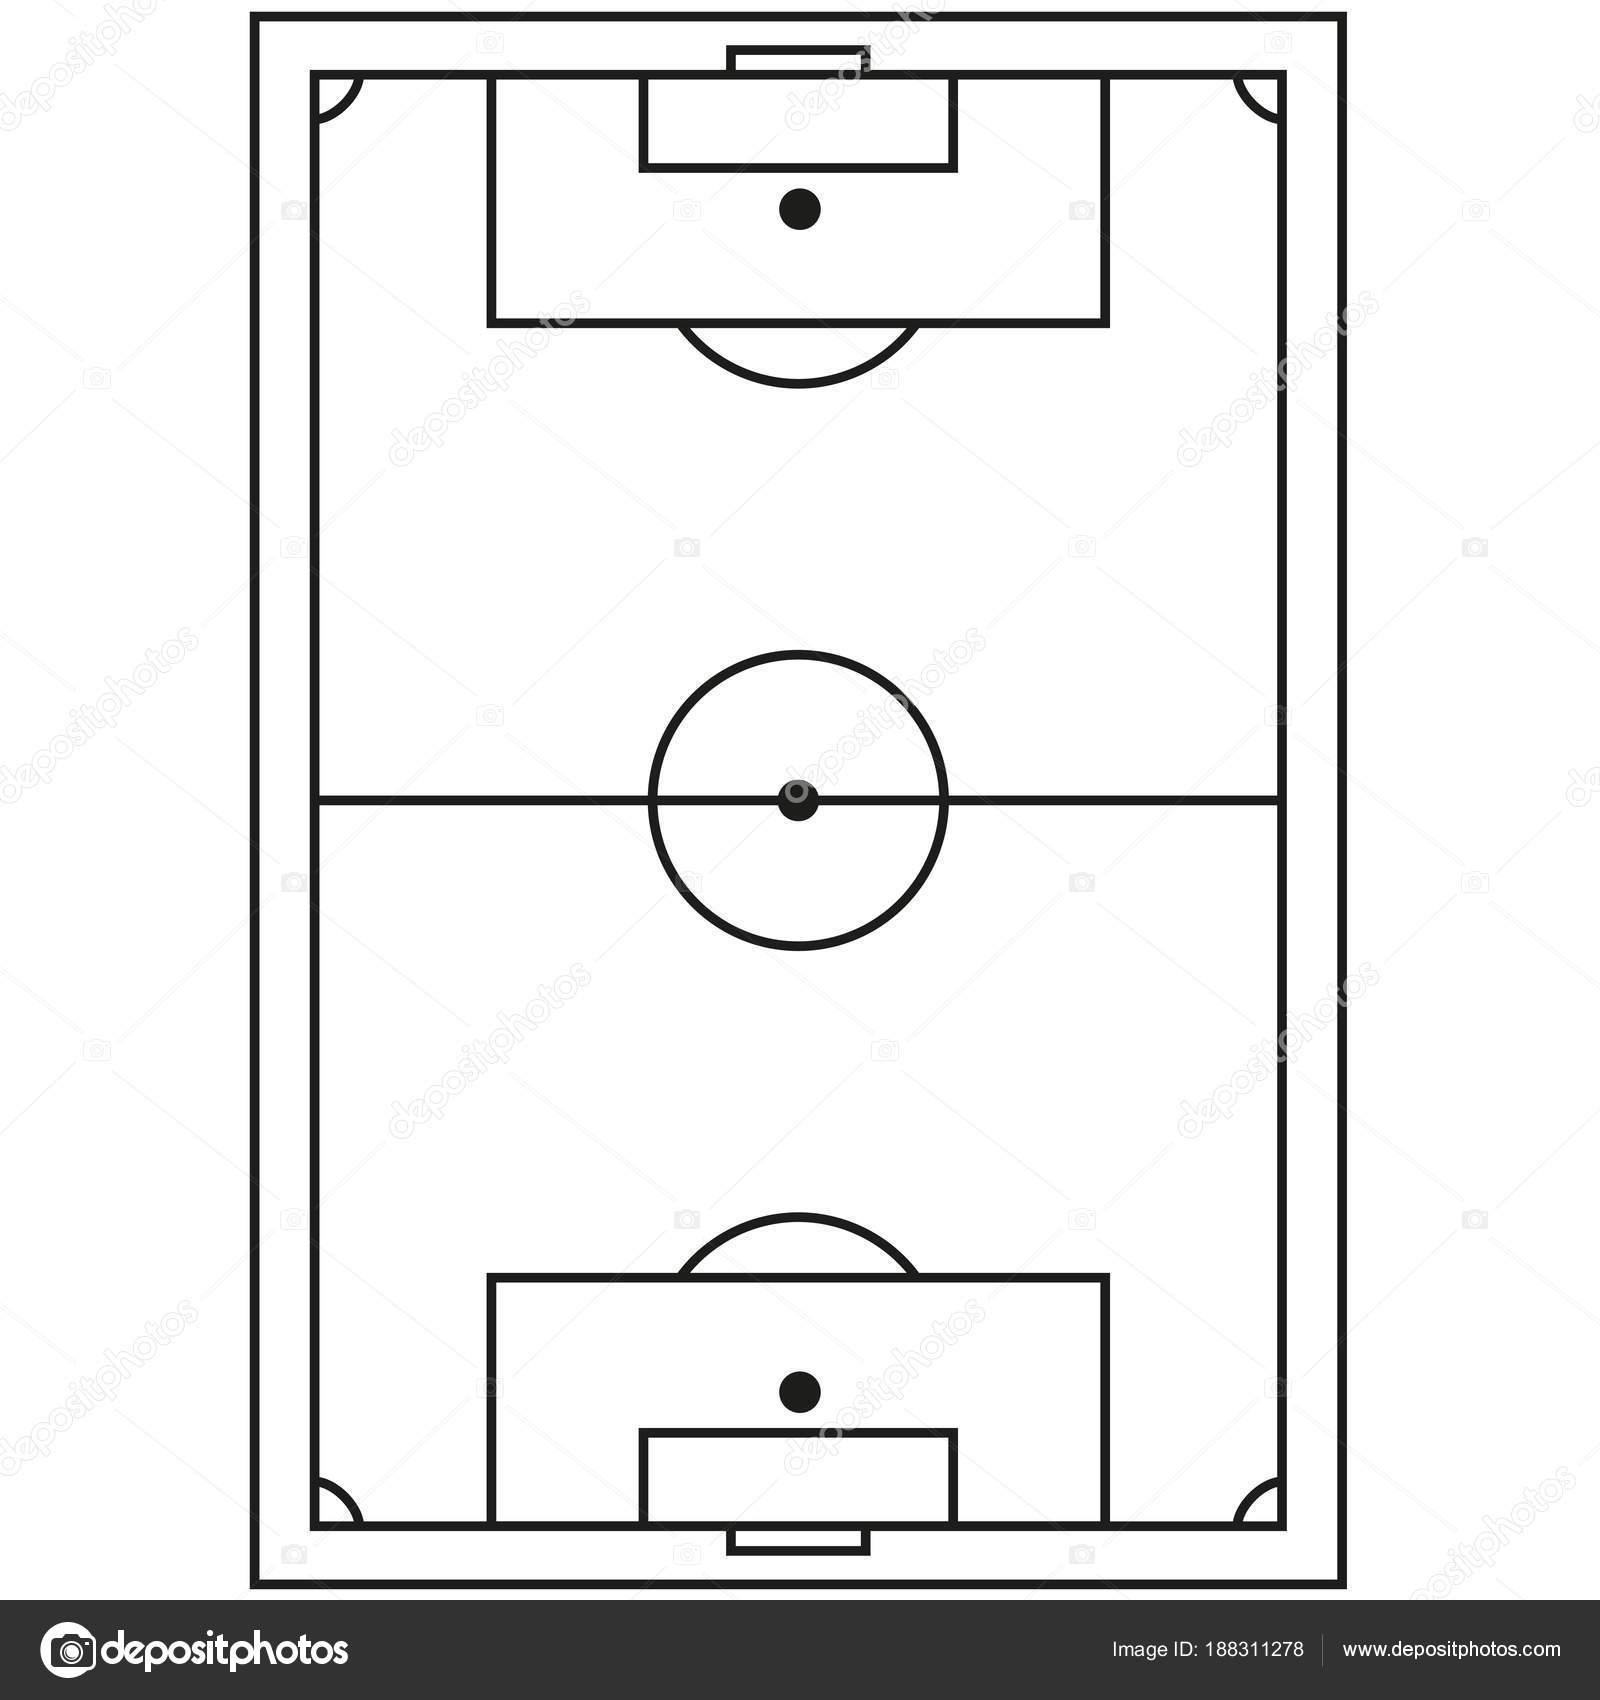 Liniensymbol Kunst Schwarz Weiss Fussball Feld Stockvektor